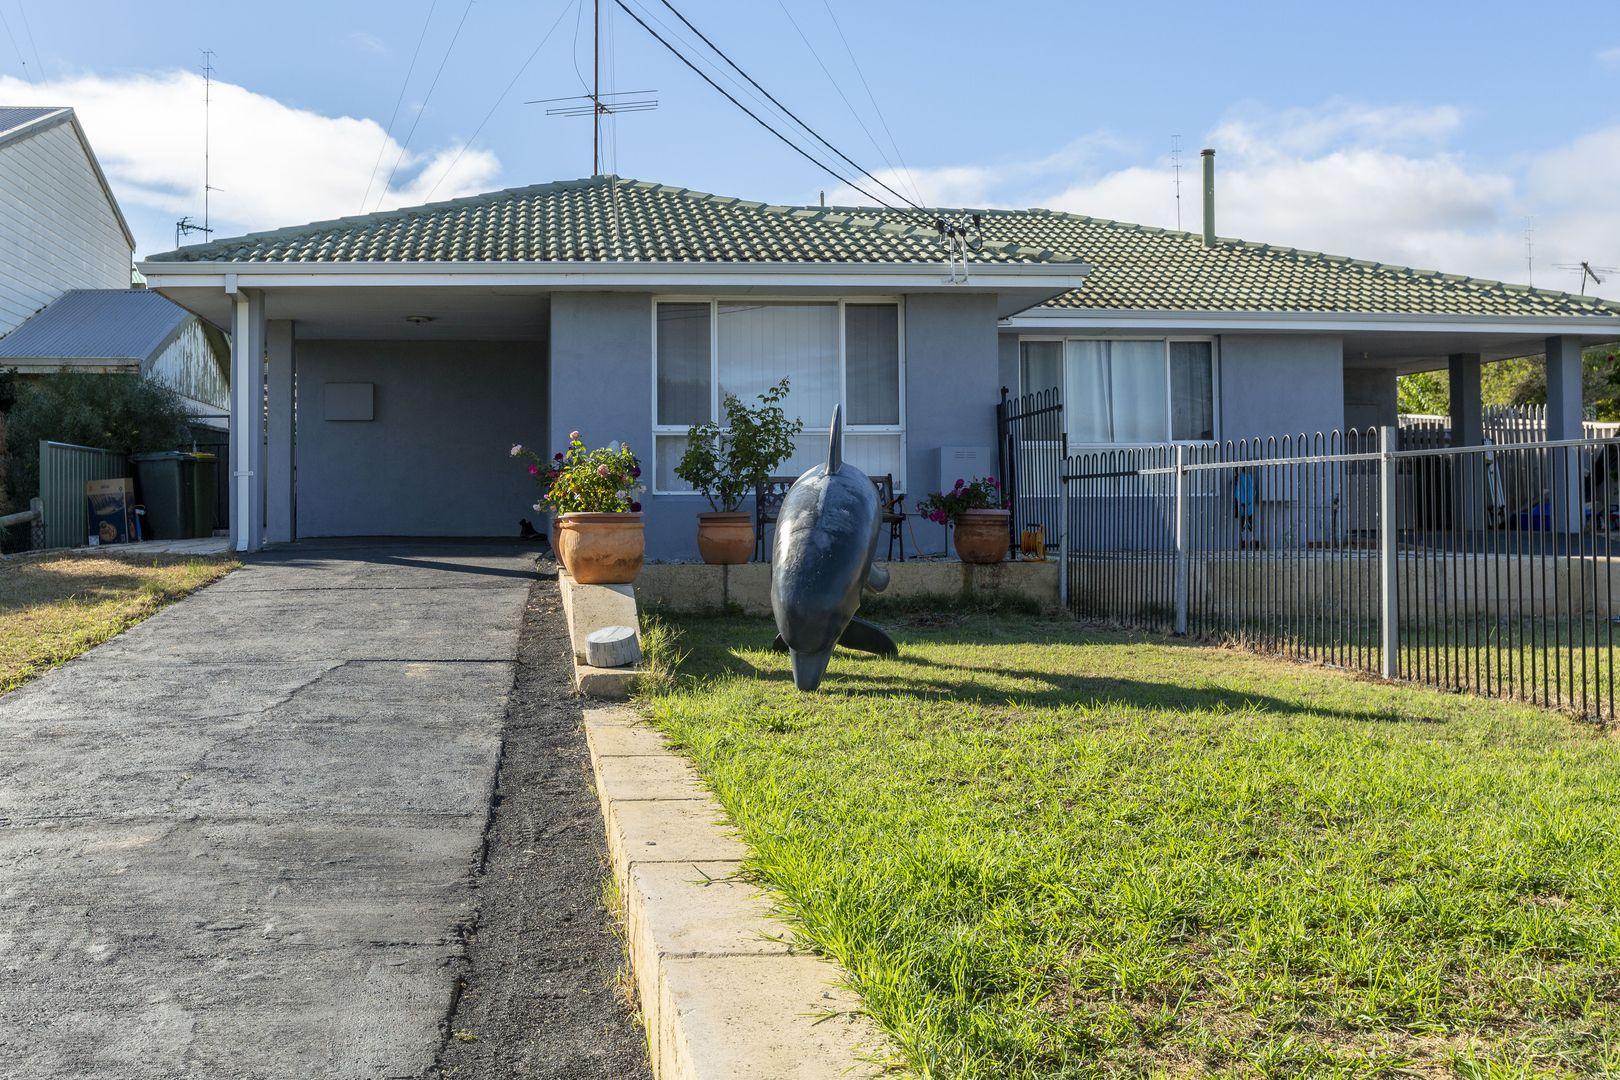 349B OLD COAST ROAD, Australind WA 6233, Image 0